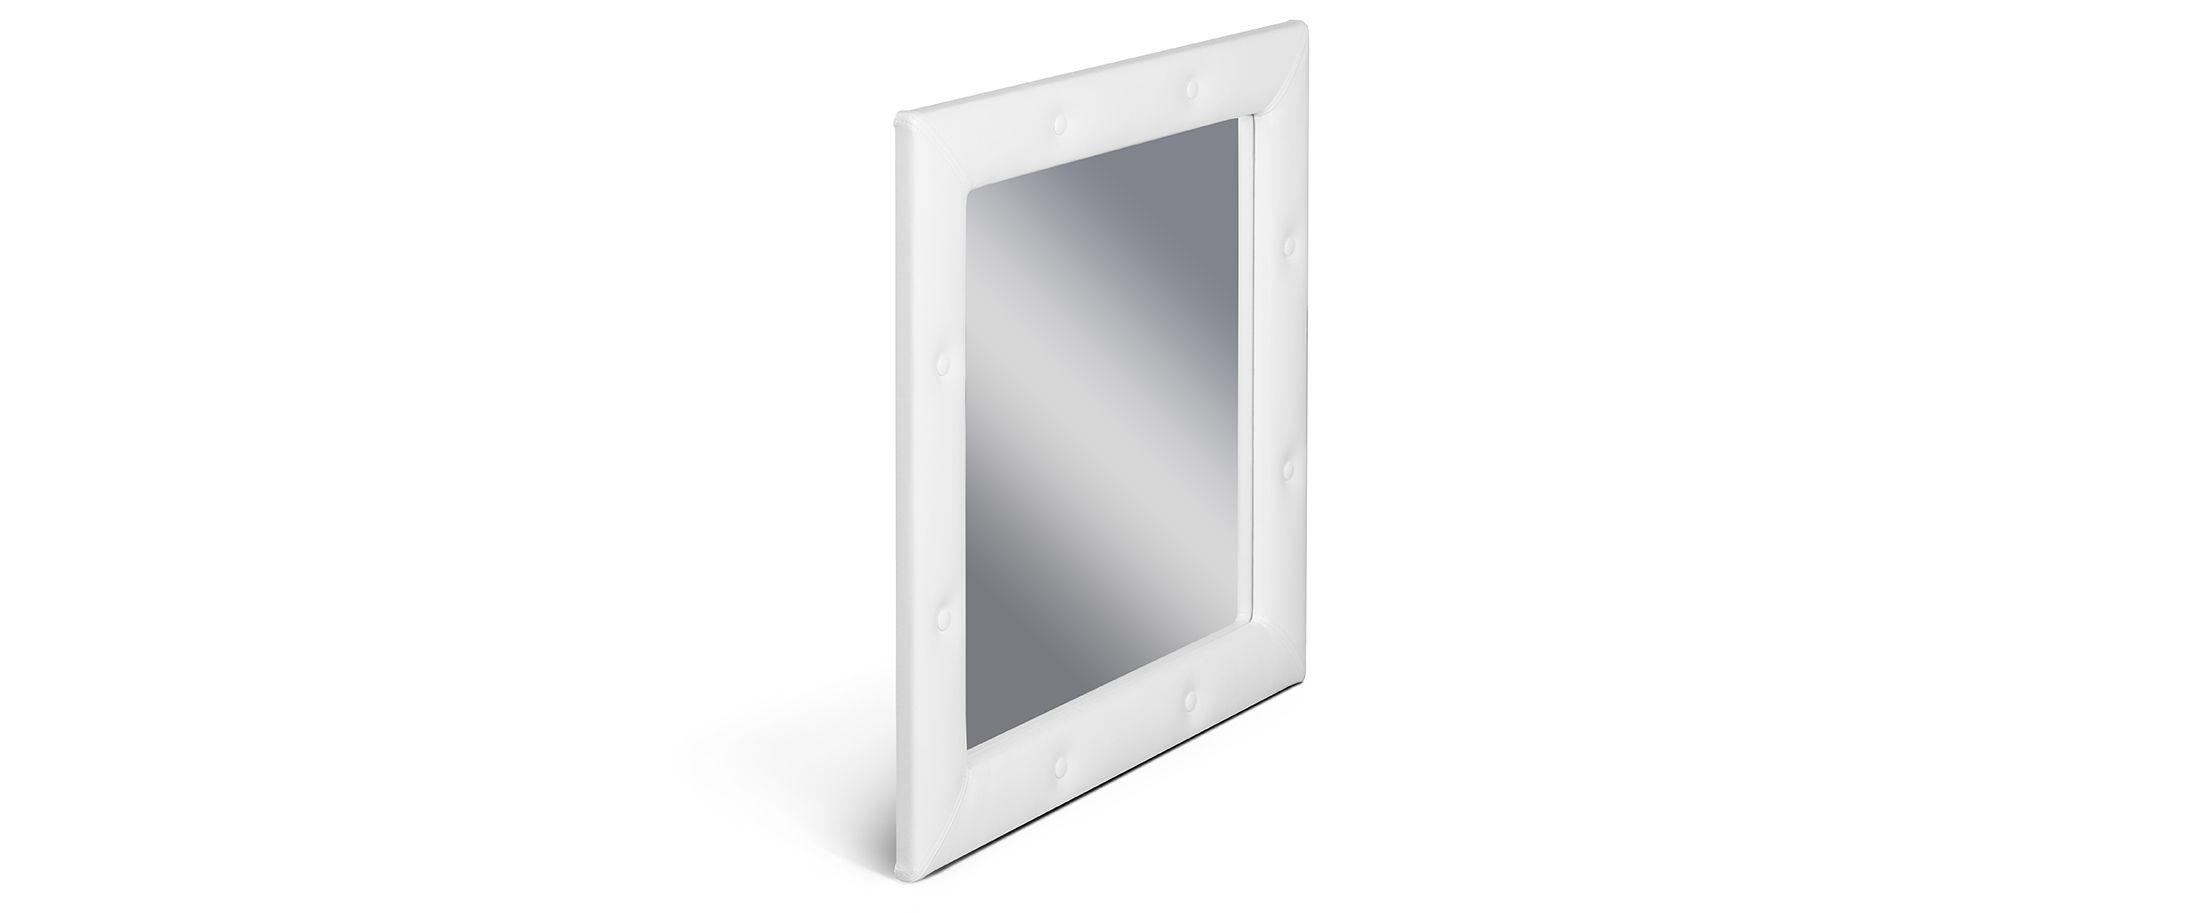 Зеркало Кааба марципанЗеркало навесное в спальню. Обивка из экокожи с декоративными пуговицами. Артикул: К000441<br><br>Ширина см: 86<br>Глубина см: 4<br>Высота см: 86<br>Цвет: Белый